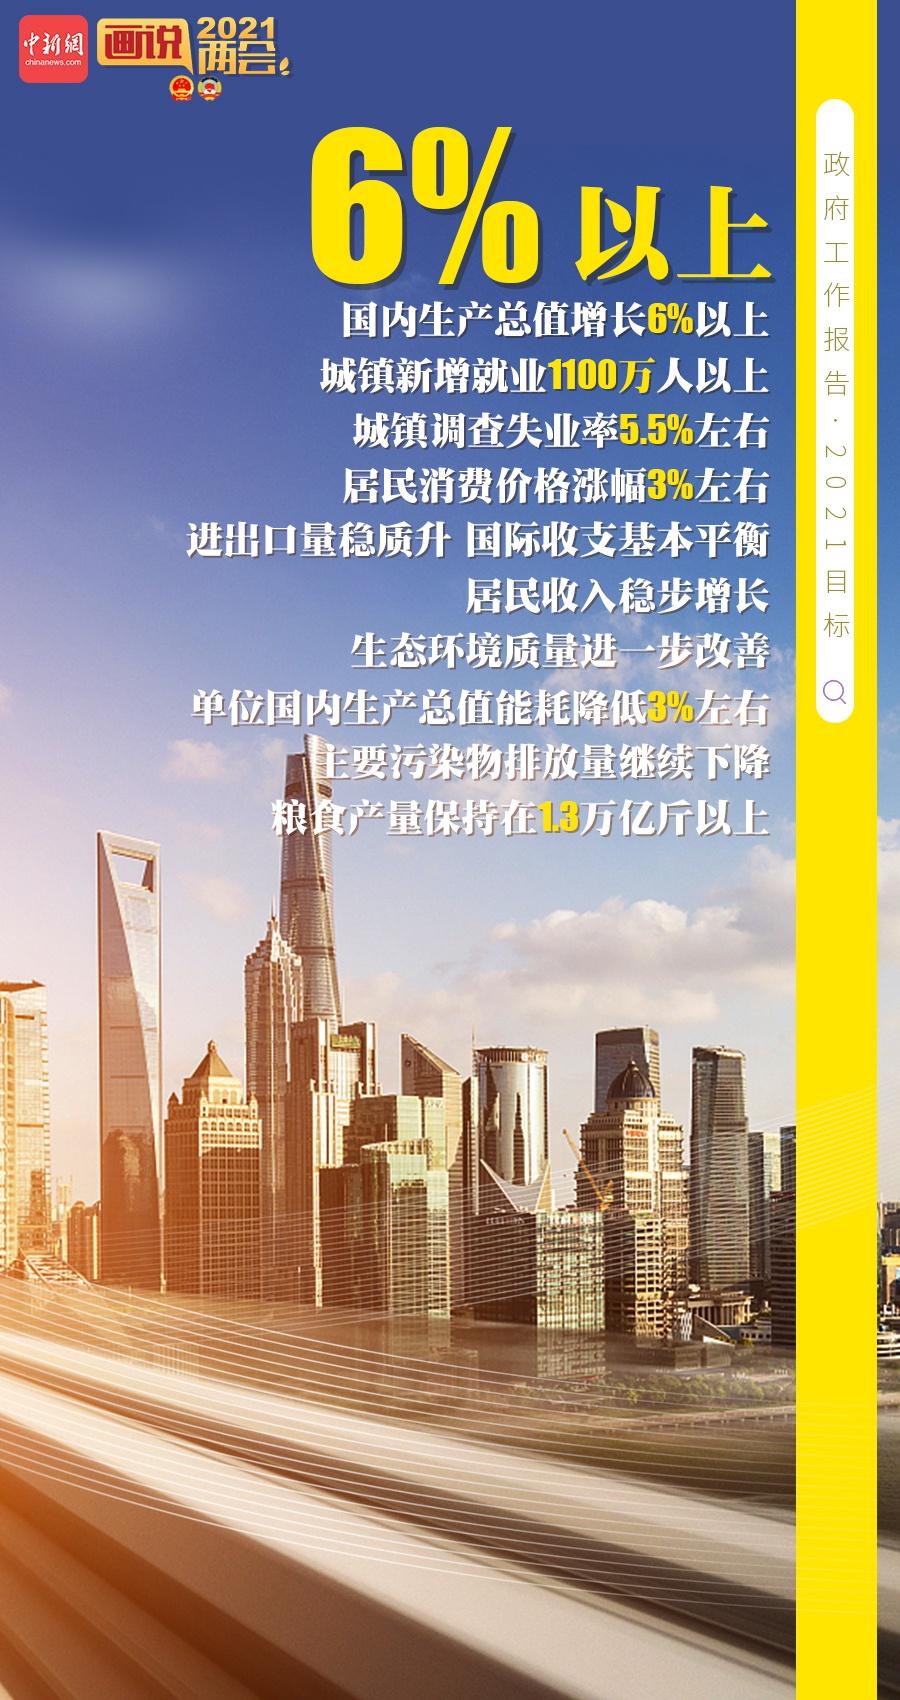 李克强:今年中国GDP预期增长6%以上图片